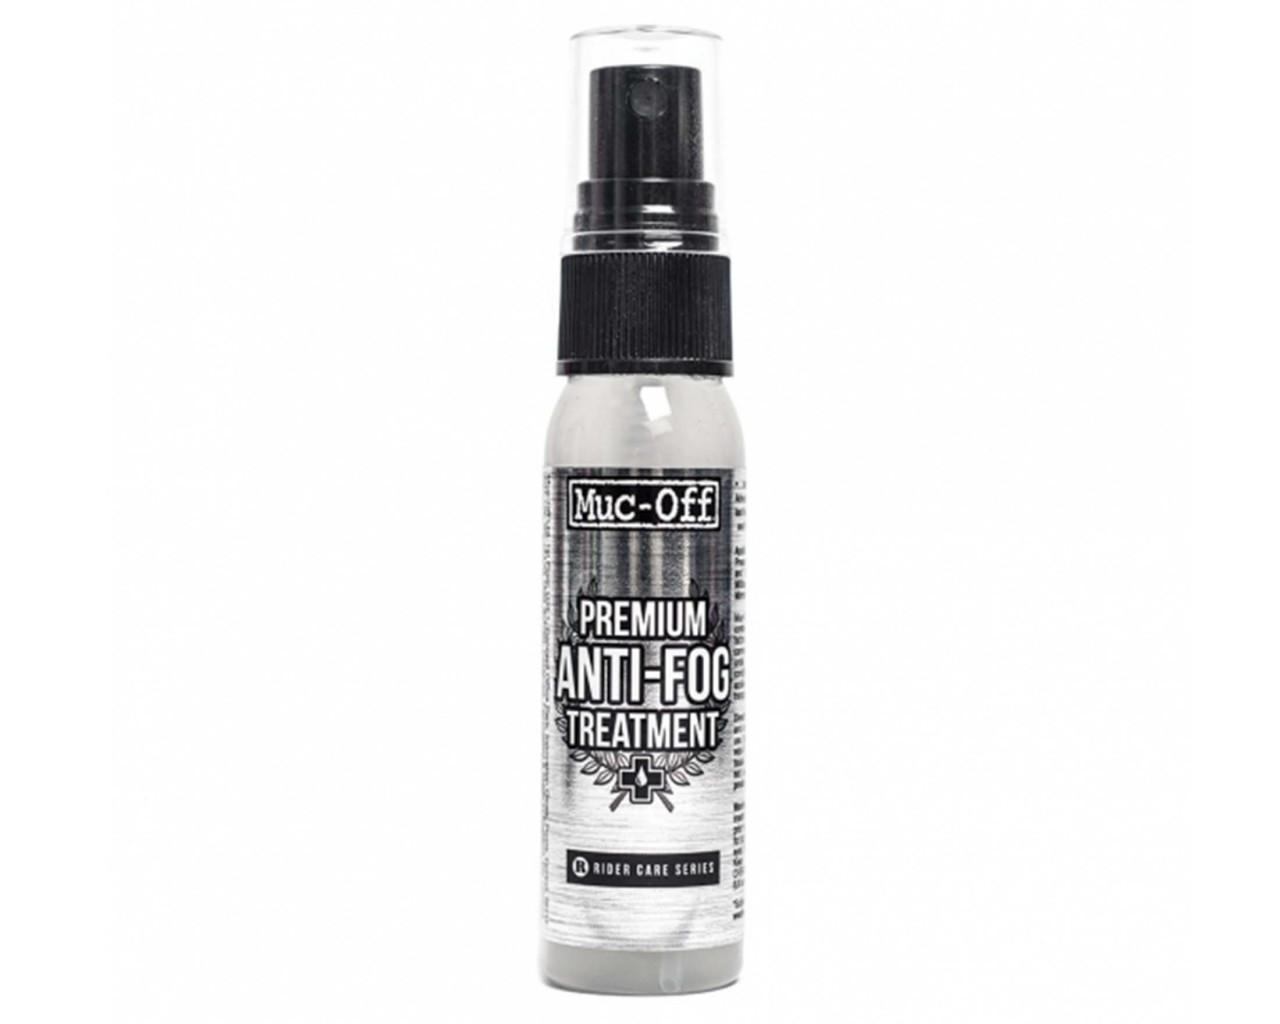 Muc-Off Anti-Fog Treatment Anti-Beschlag-Spray | 35 ml